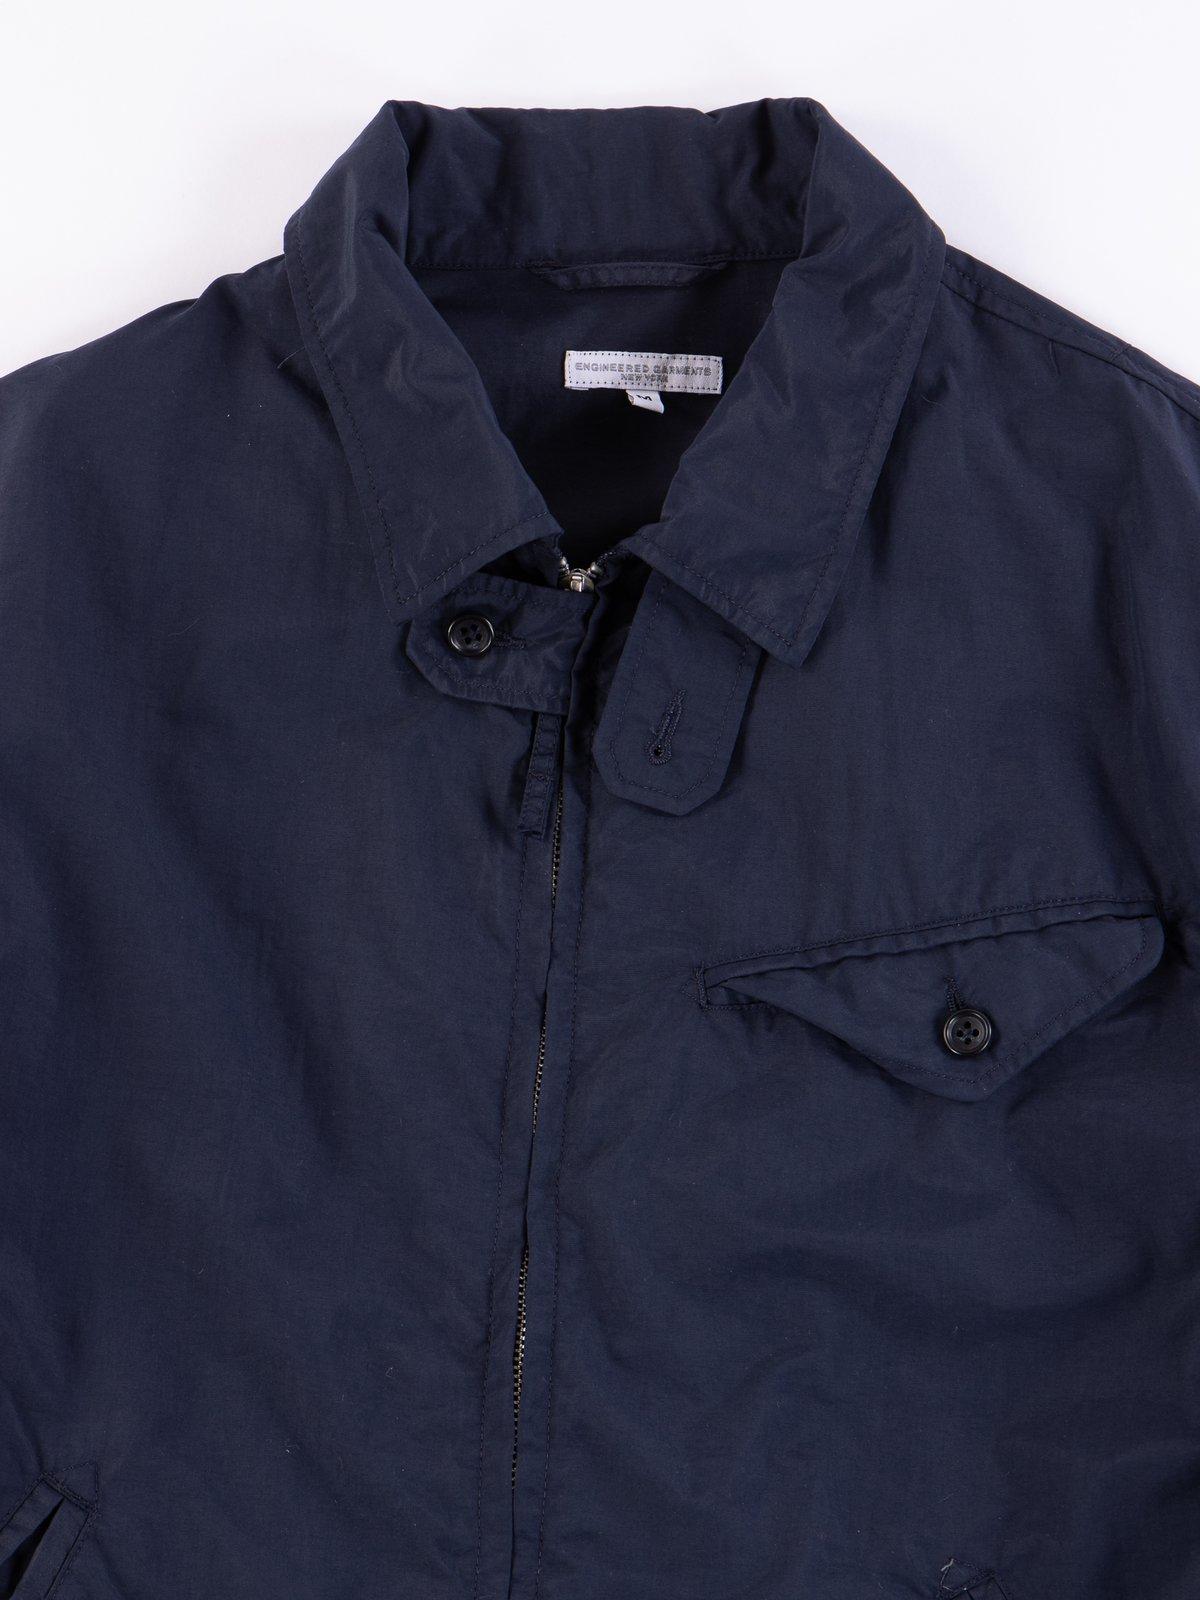 Navy Acrylic Coated Nylon Taffeta Driver Jacket - Image 3